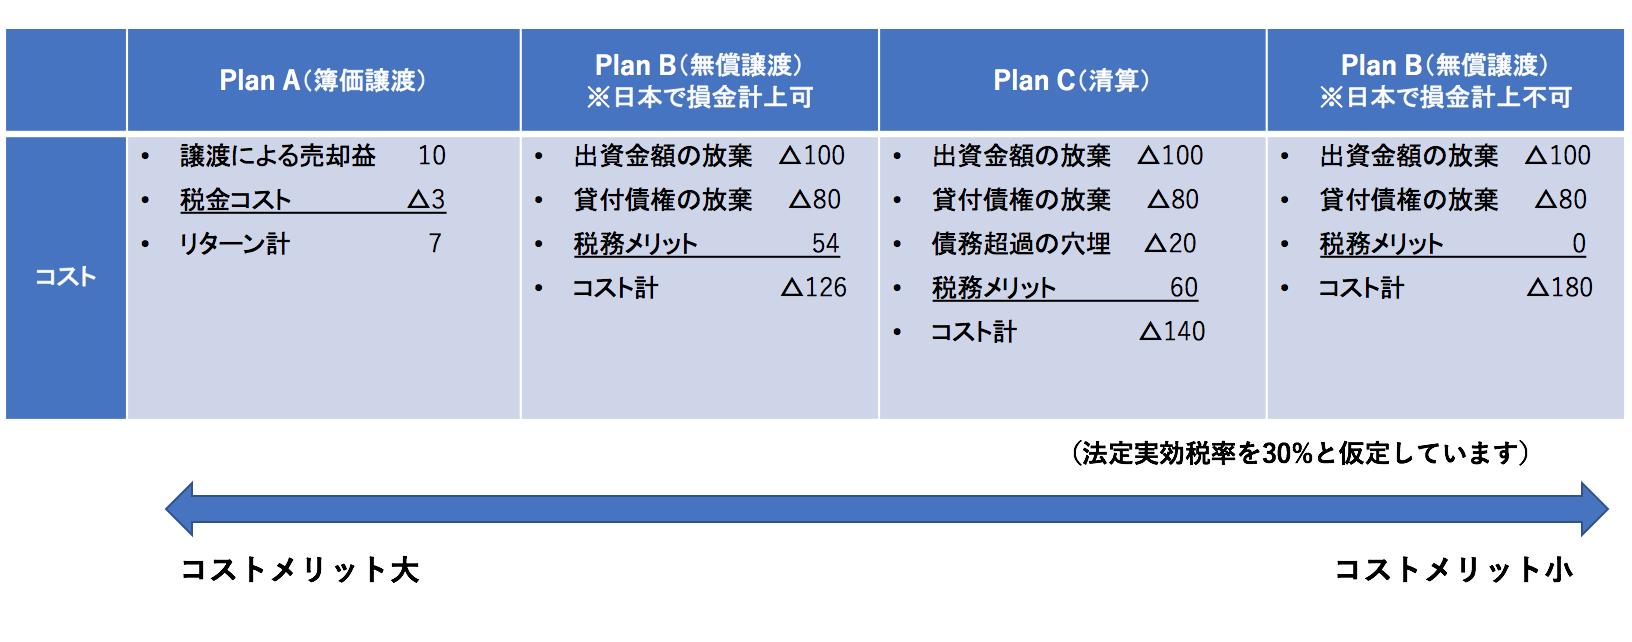 中国子会社撤退プランの比較